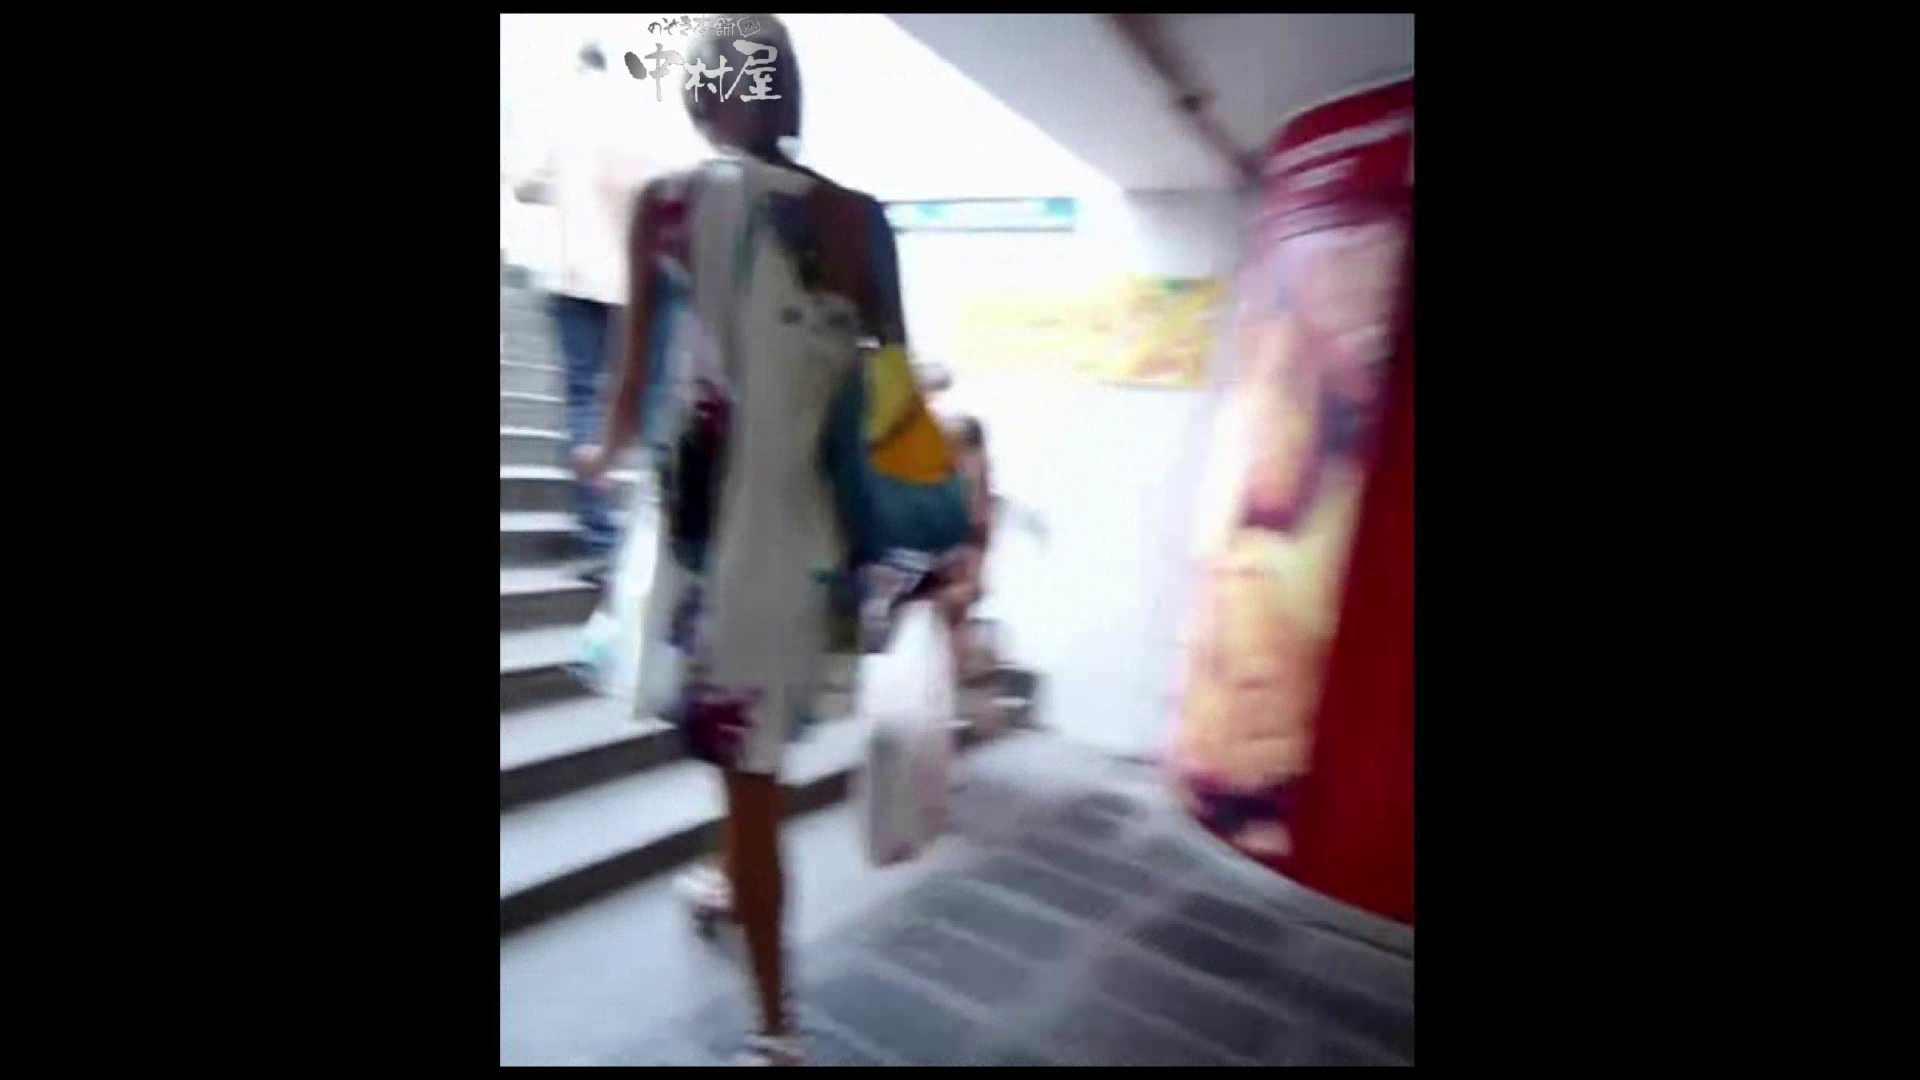 綺麗なモデルさんのスカート捲っちゃおう‼ vol29 0  68pic 68